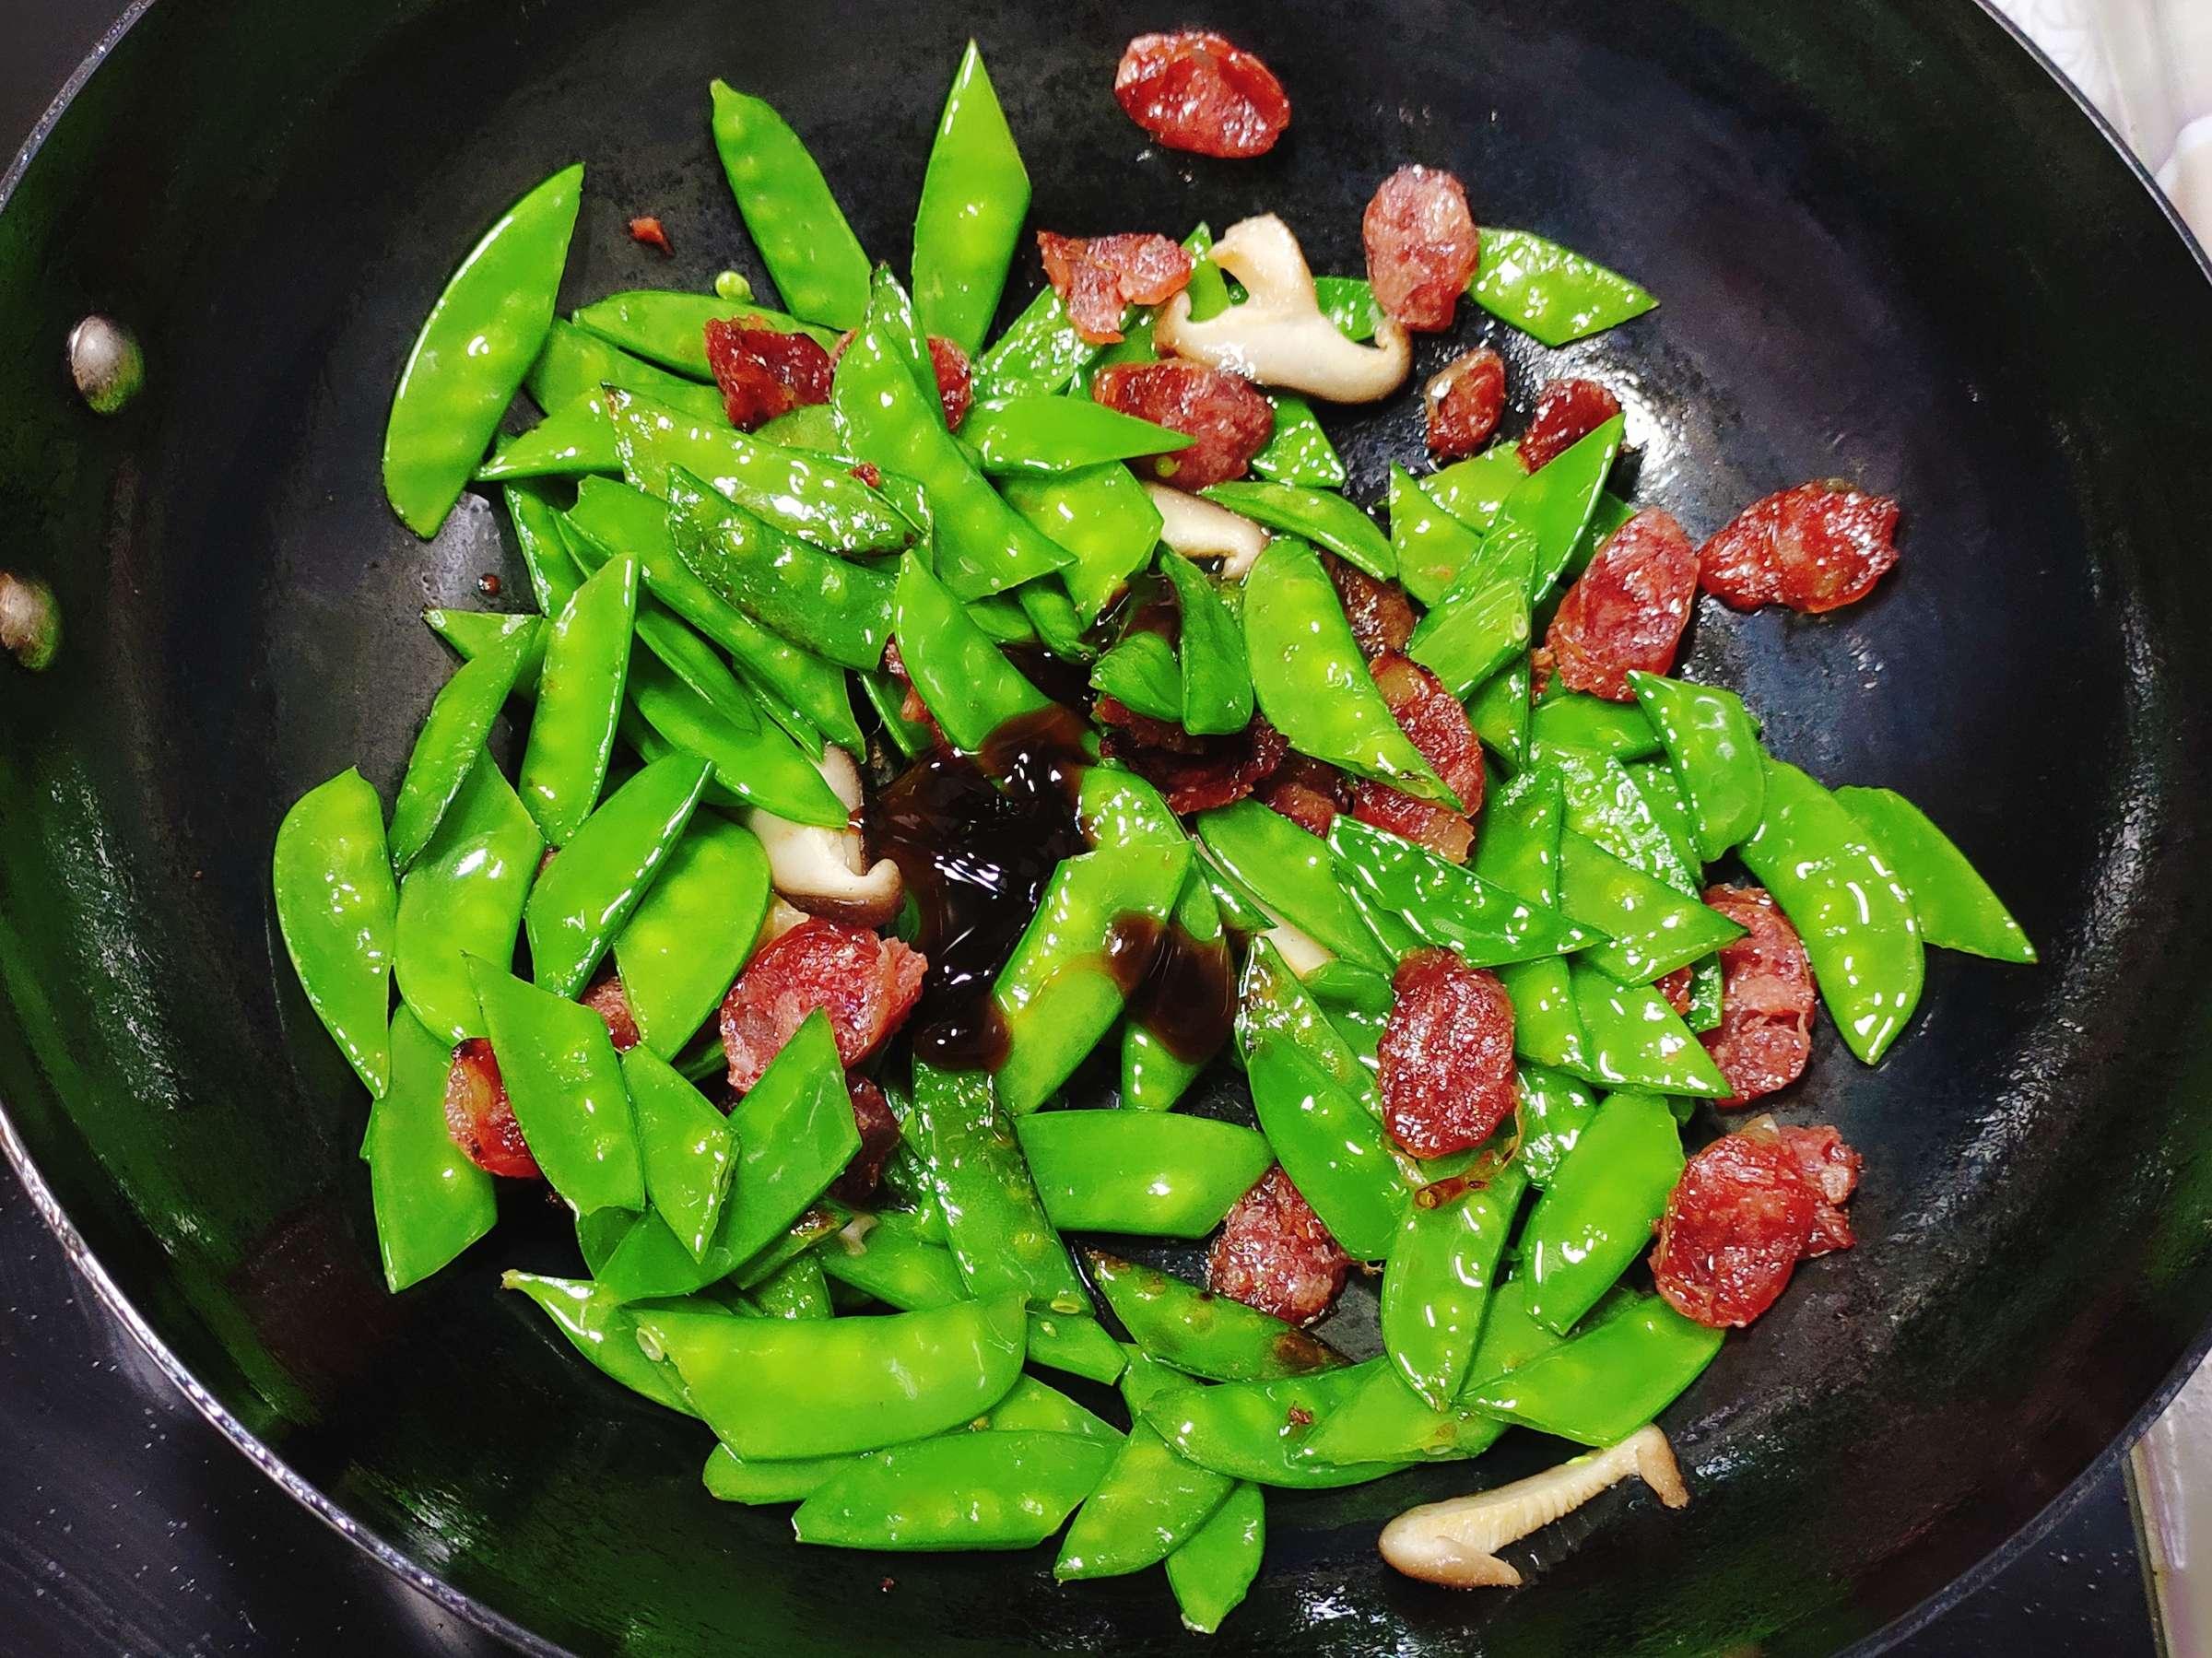 清淡不油腻的腊肠炒荷兰豆怎么炒